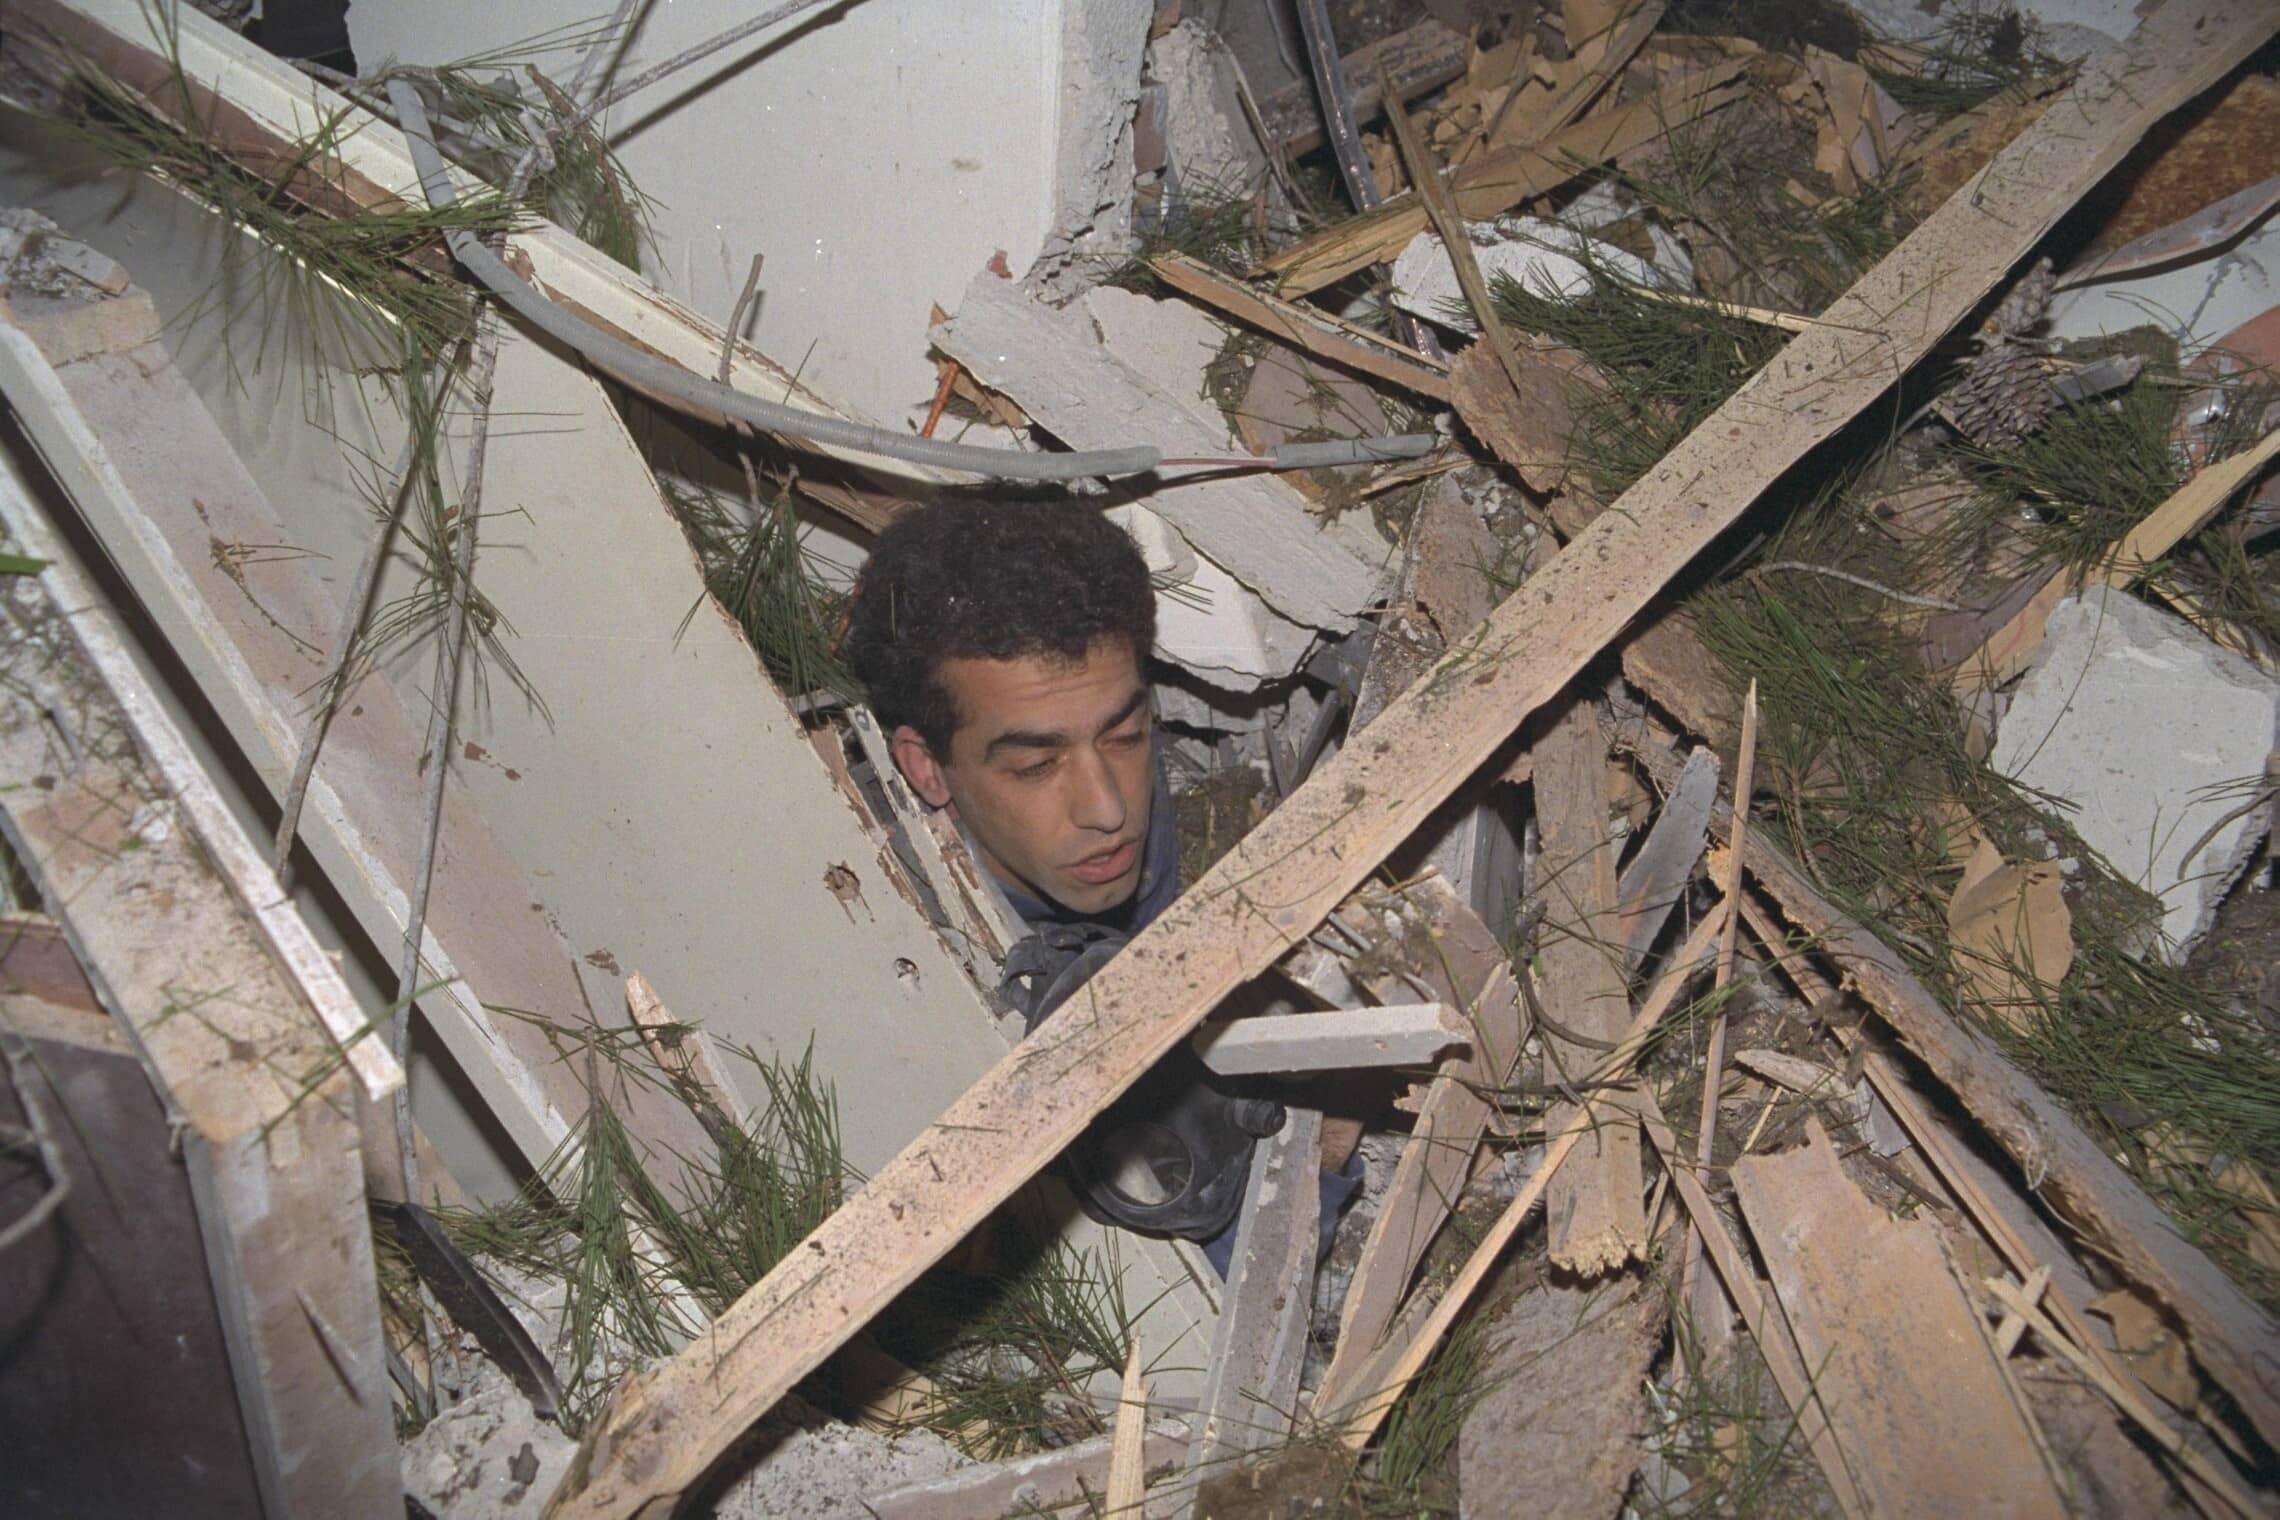 """ליאור דיאר לכוד בין הריסות ביתו בסביון שנהרס מפגיעת טיל סקאד ששוגר מעיראק ביום הראשון של מלחמת המפרץ (צילום: צביקה ישראלי/לע""""מ)"""